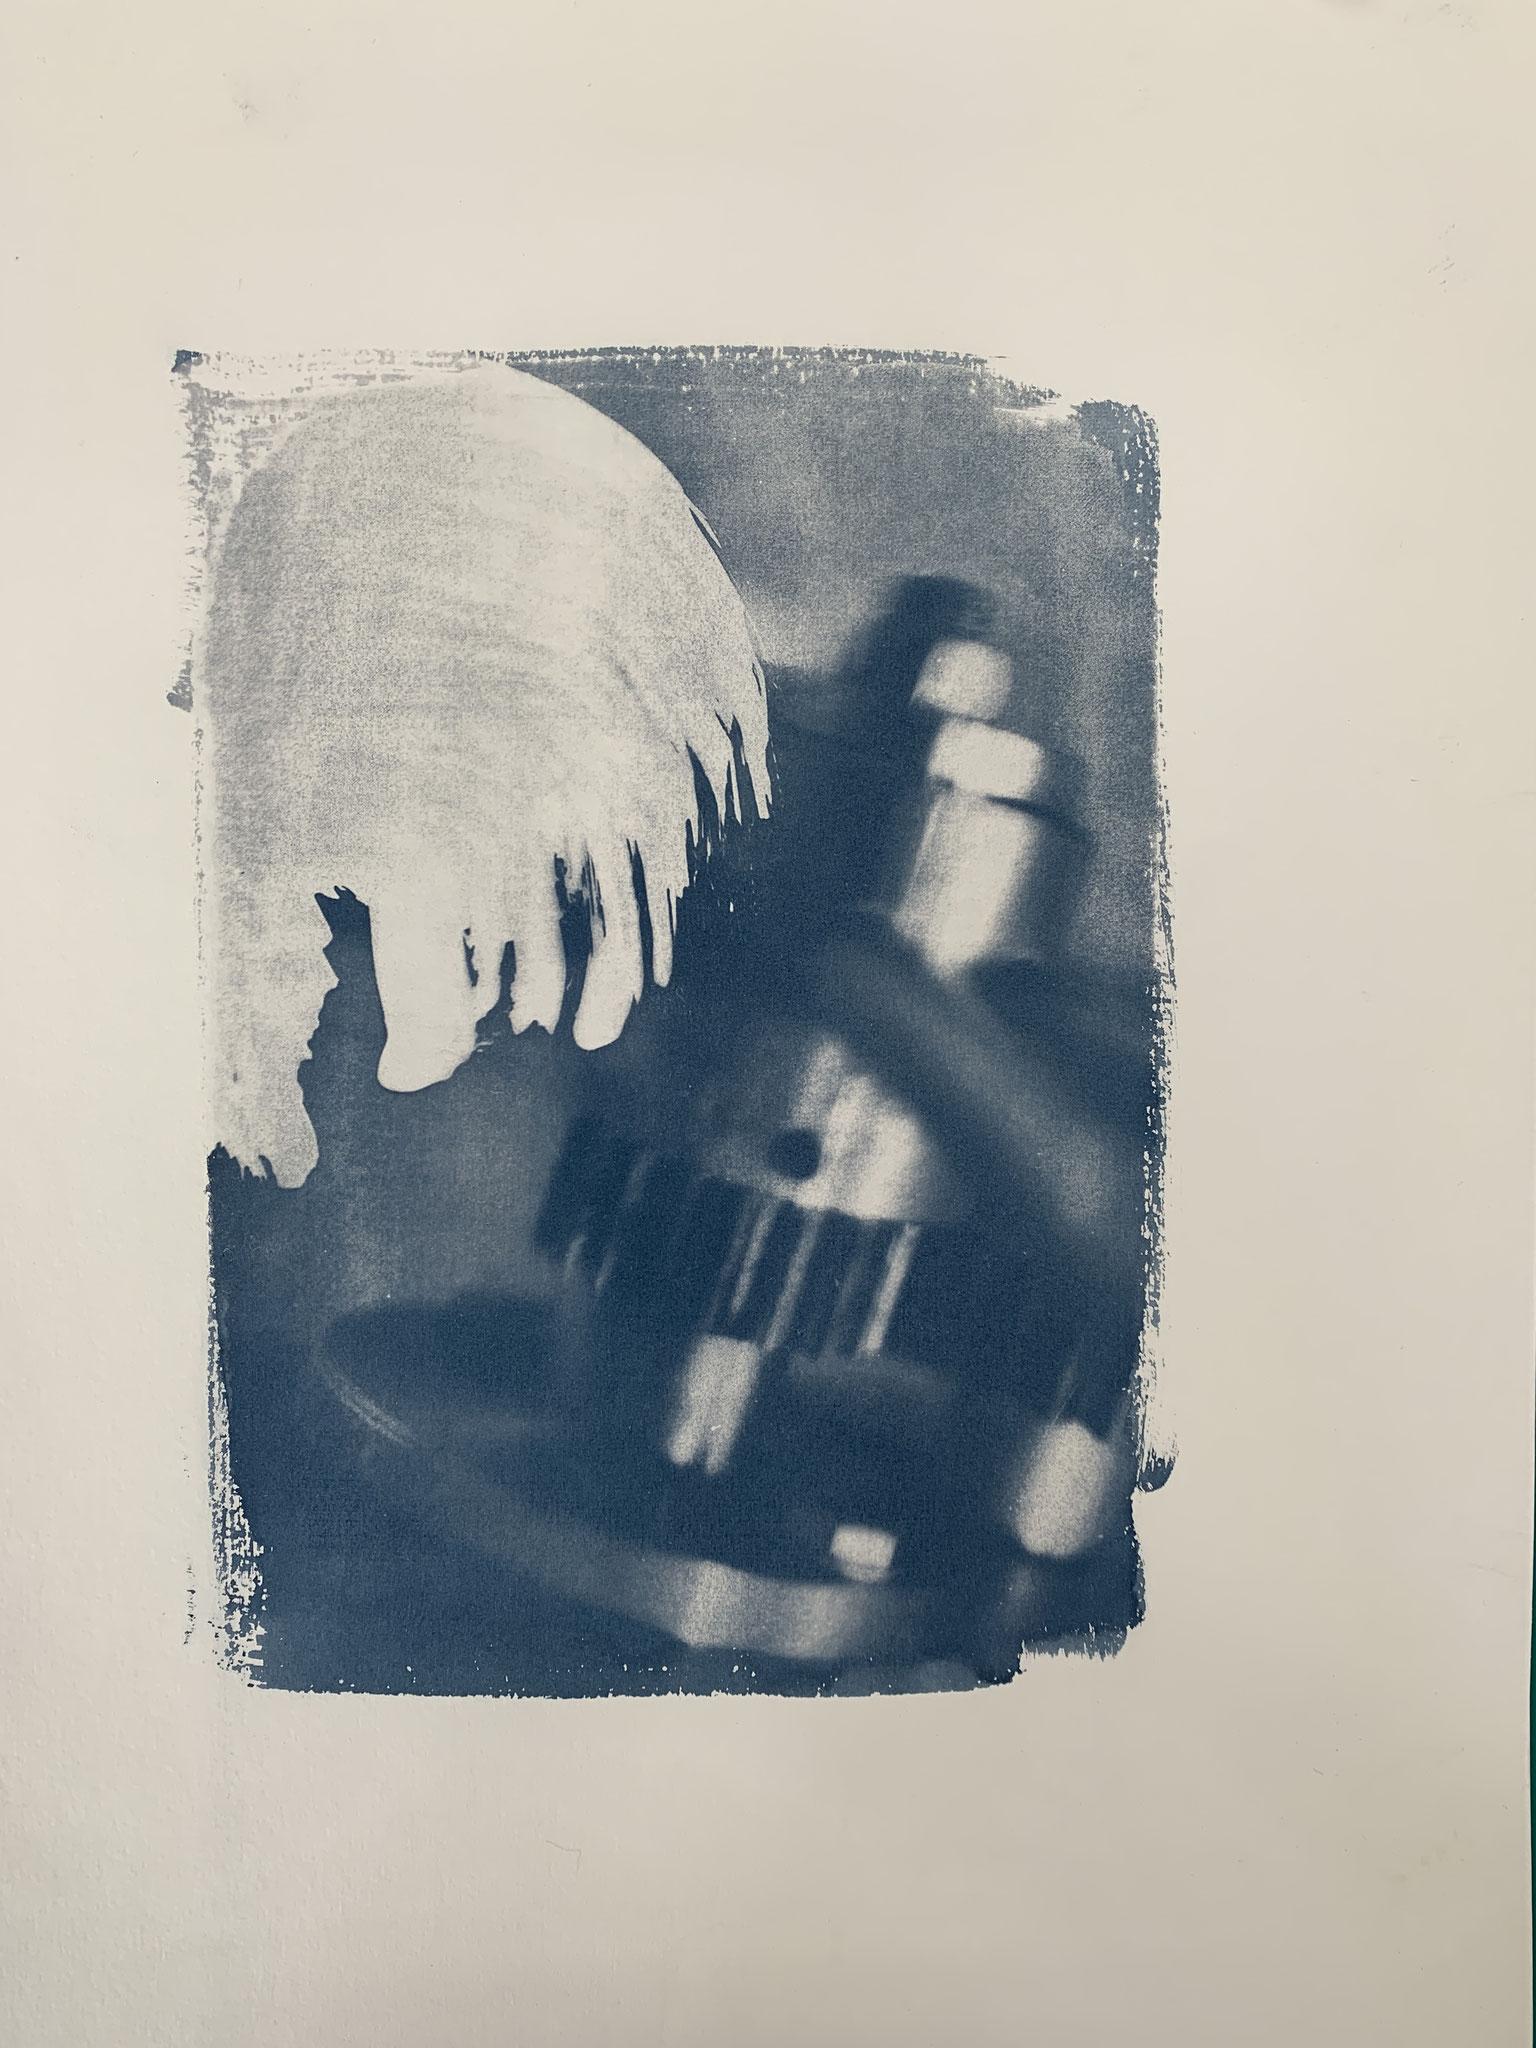 Ex Machina, Cyanotypie, 40 x 50 cm,  2020